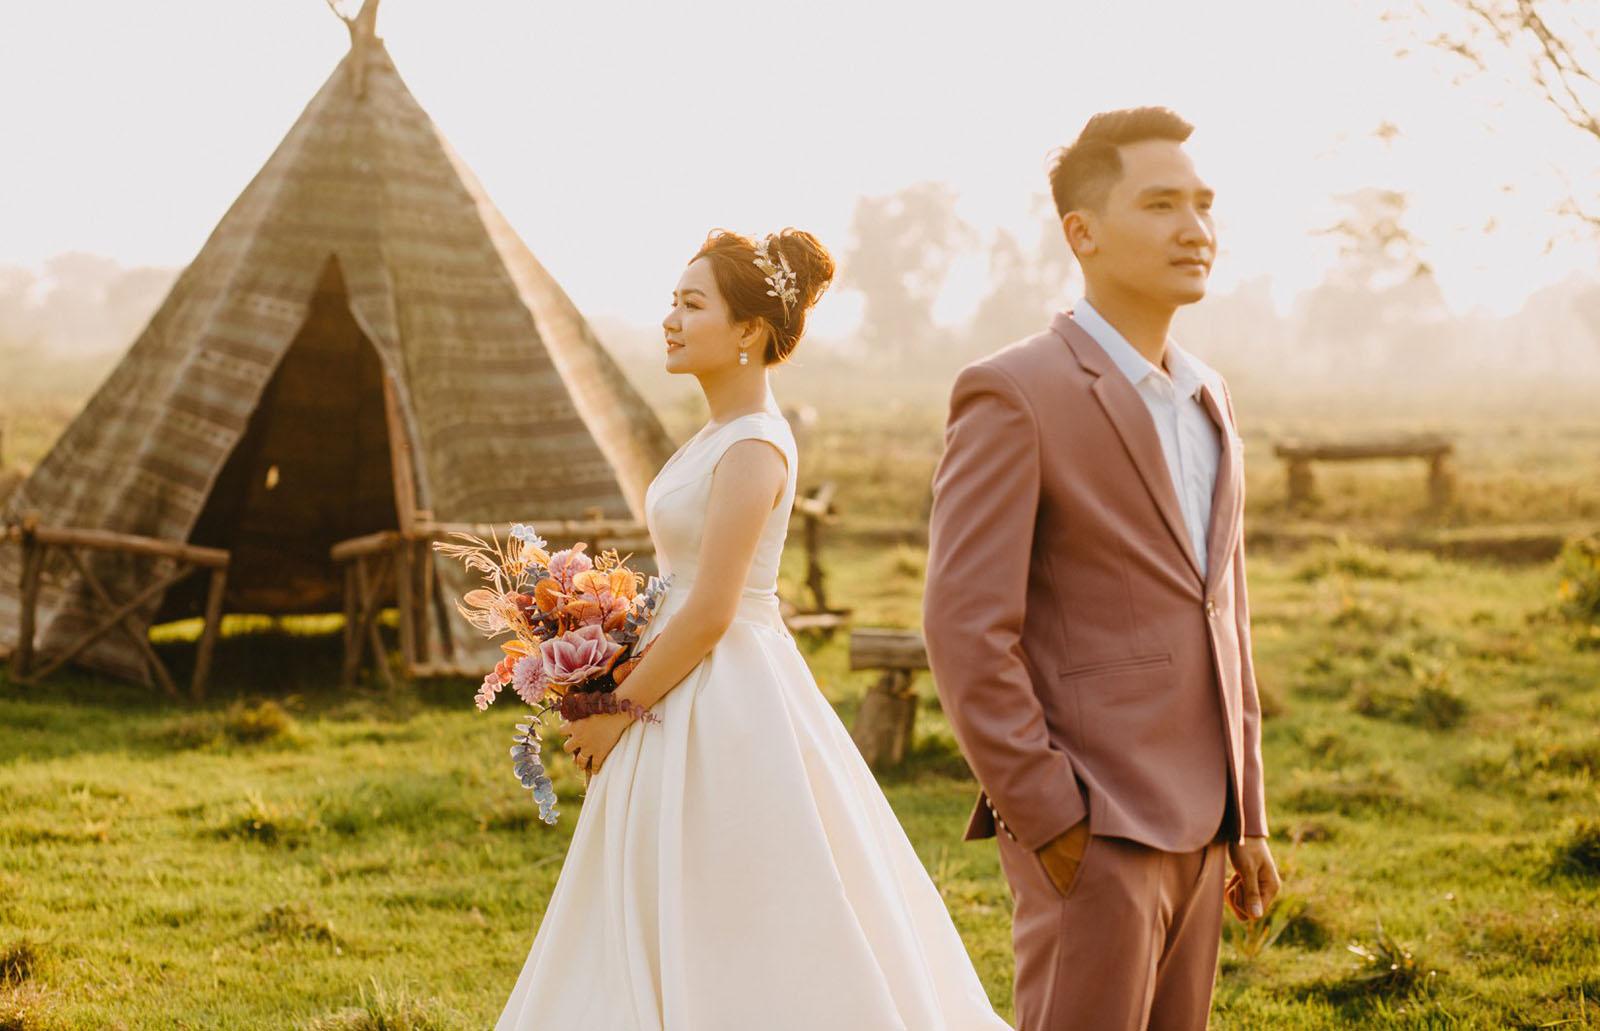 """Tổng hợp các style chụp ảnh cưới đang """"gây bão"""" trong thời gian qua"""